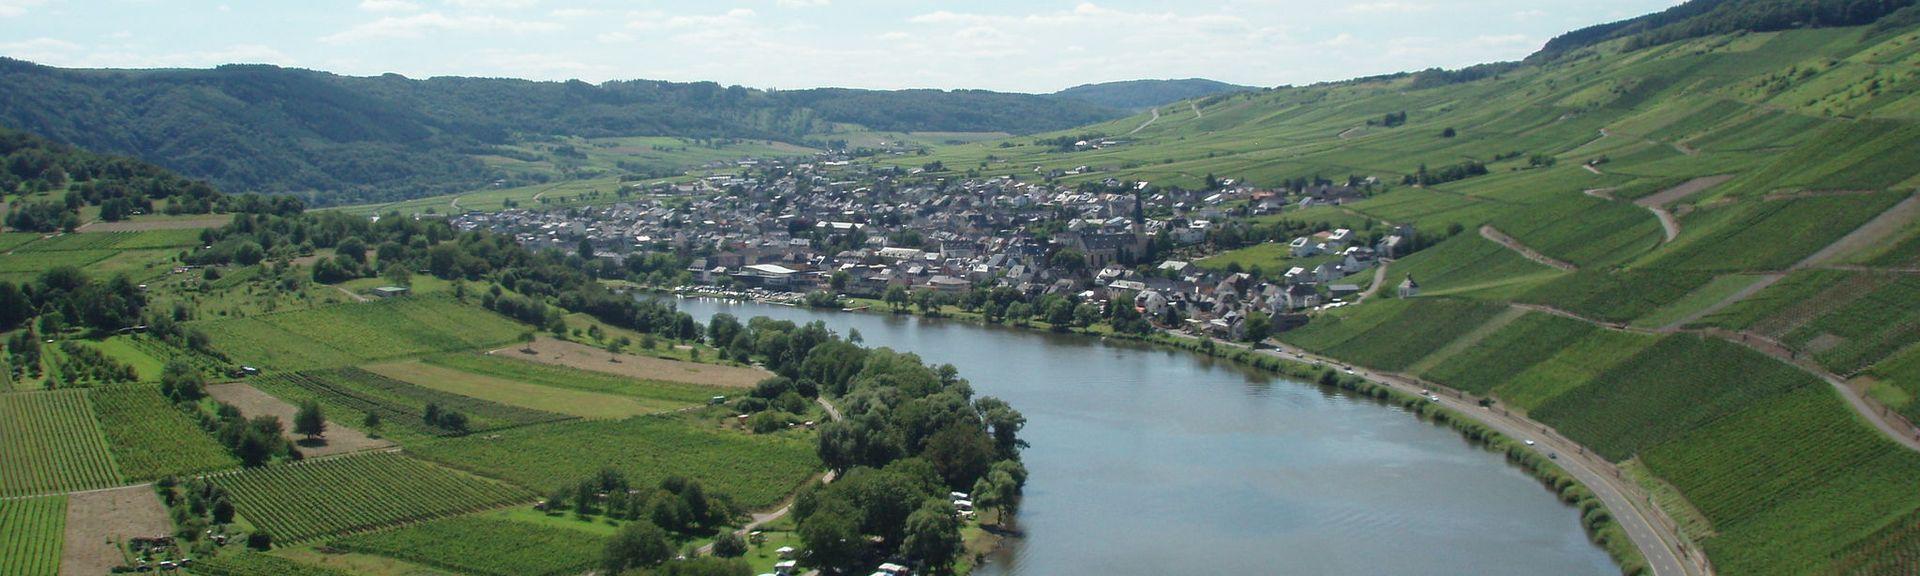 Bausendorf, Germany